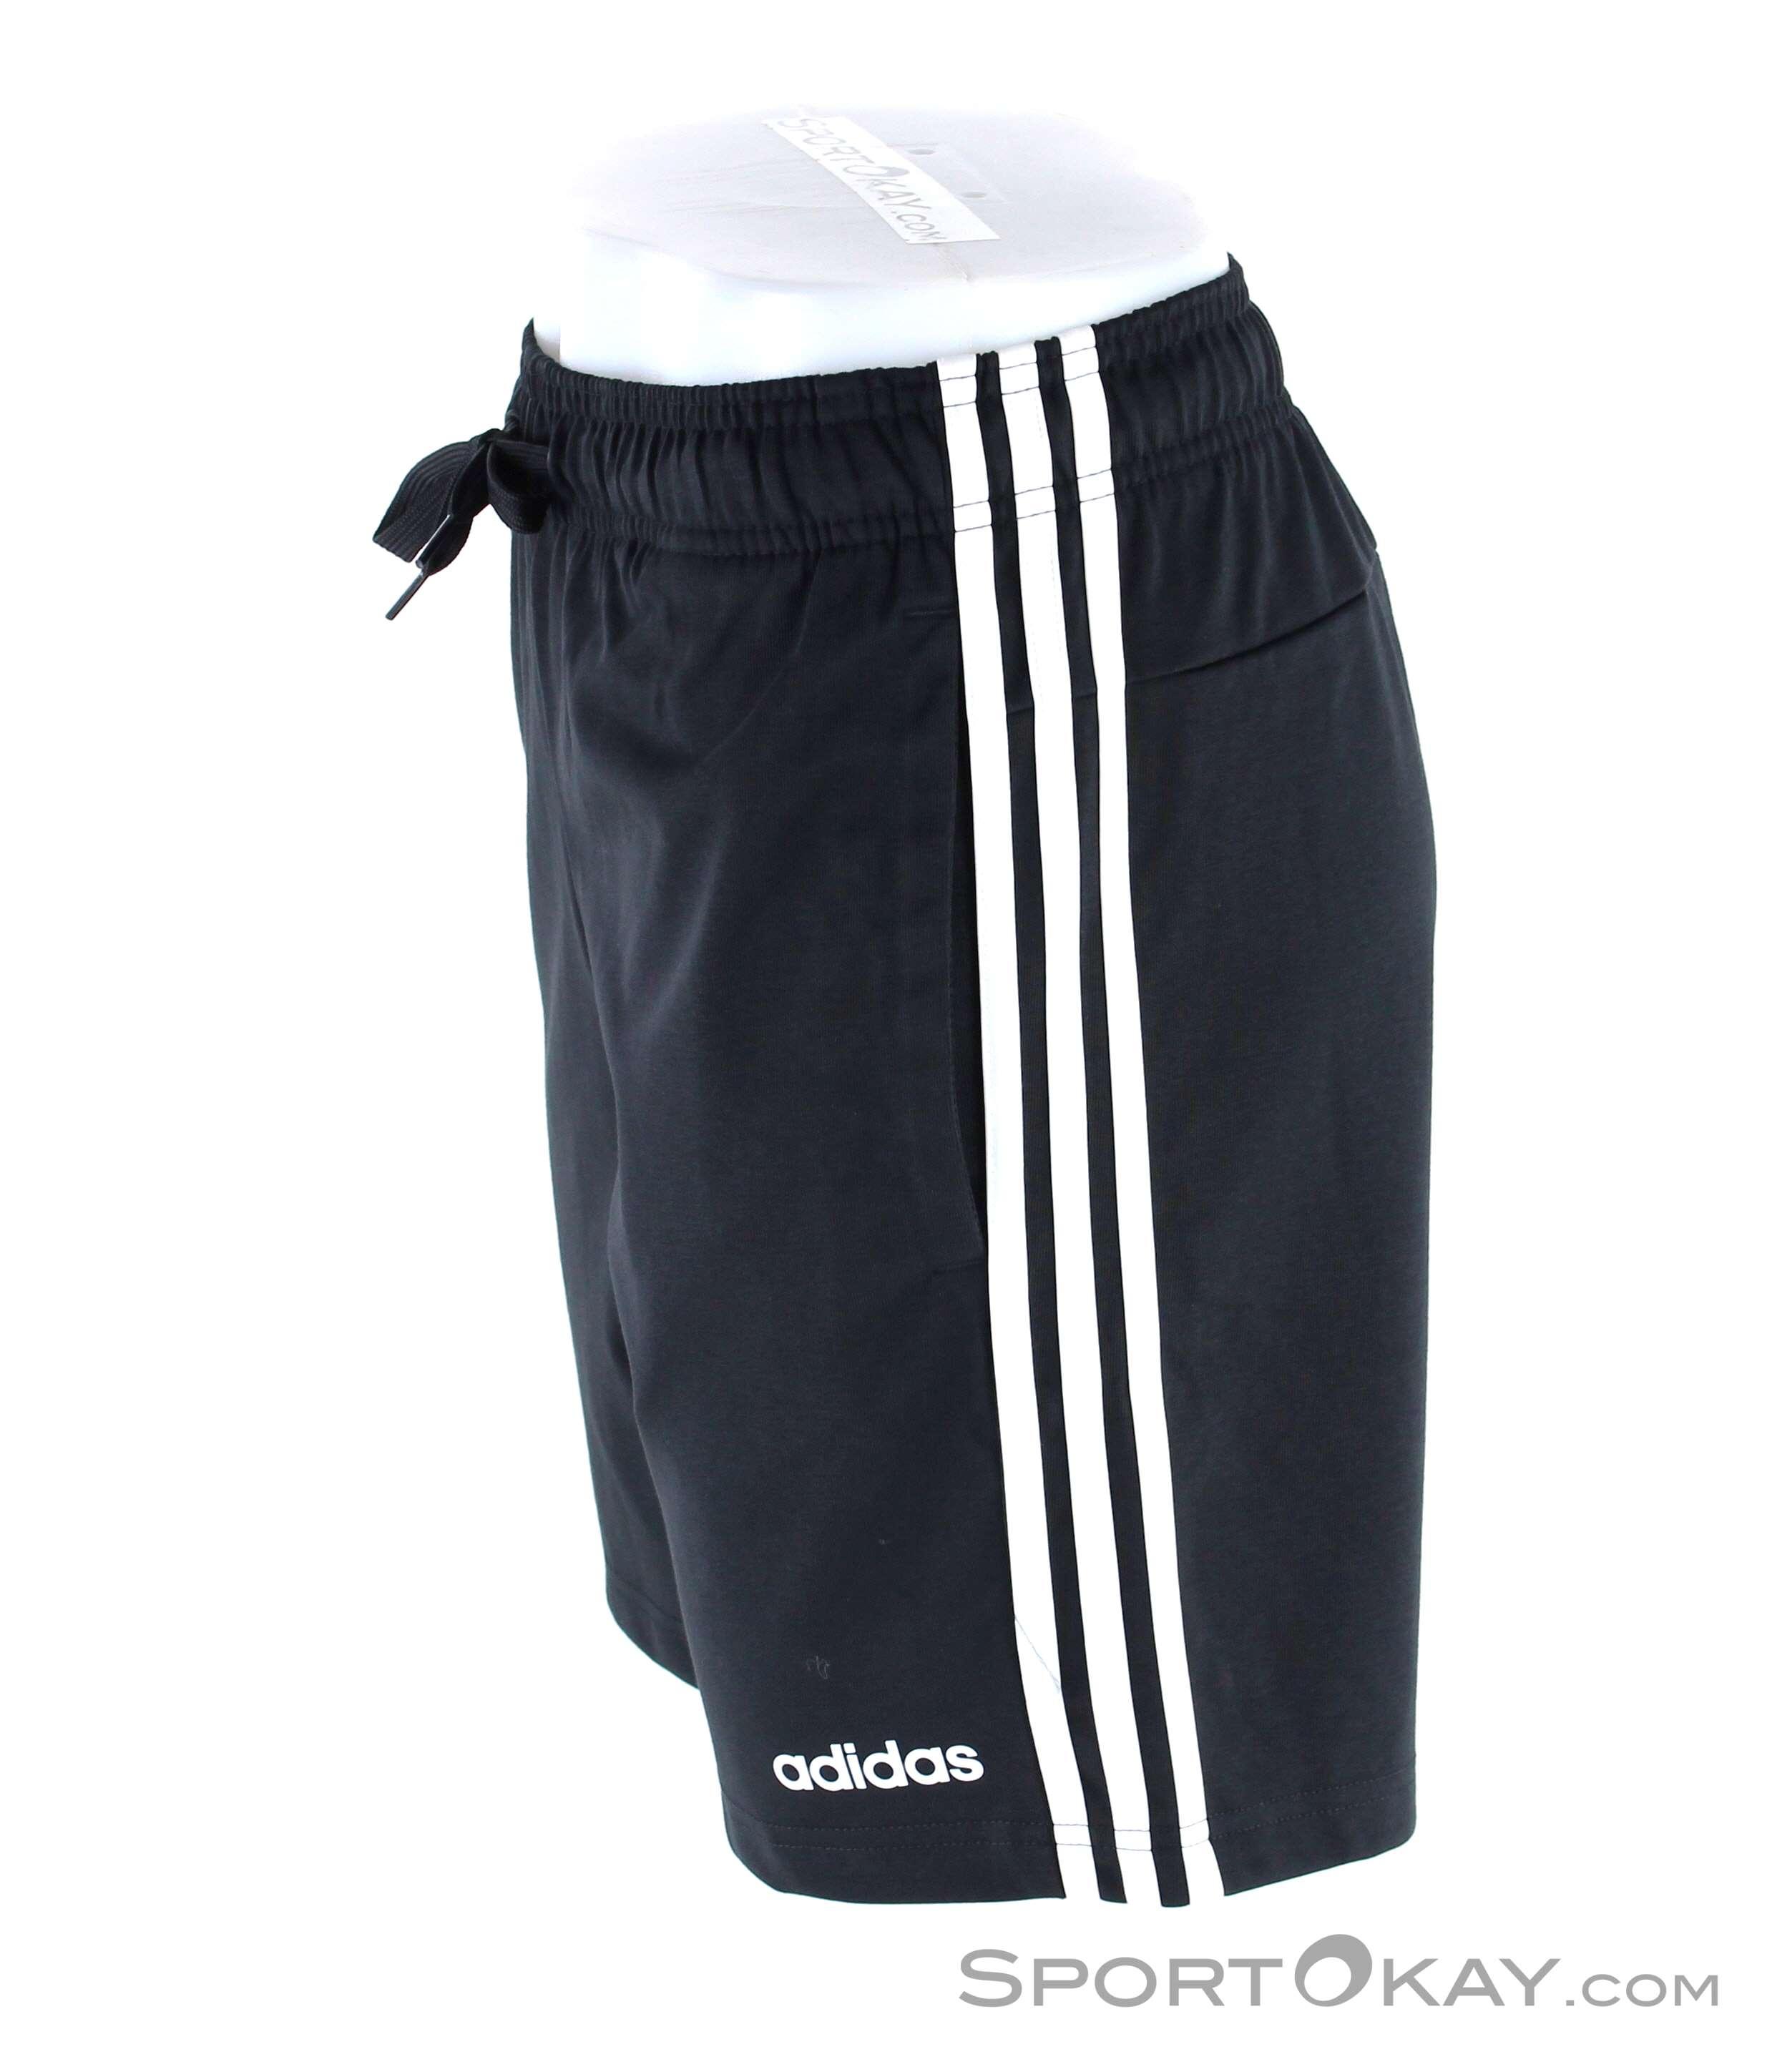 adidas adidas Essentials 3 Stripes Herren Fitnessshorts